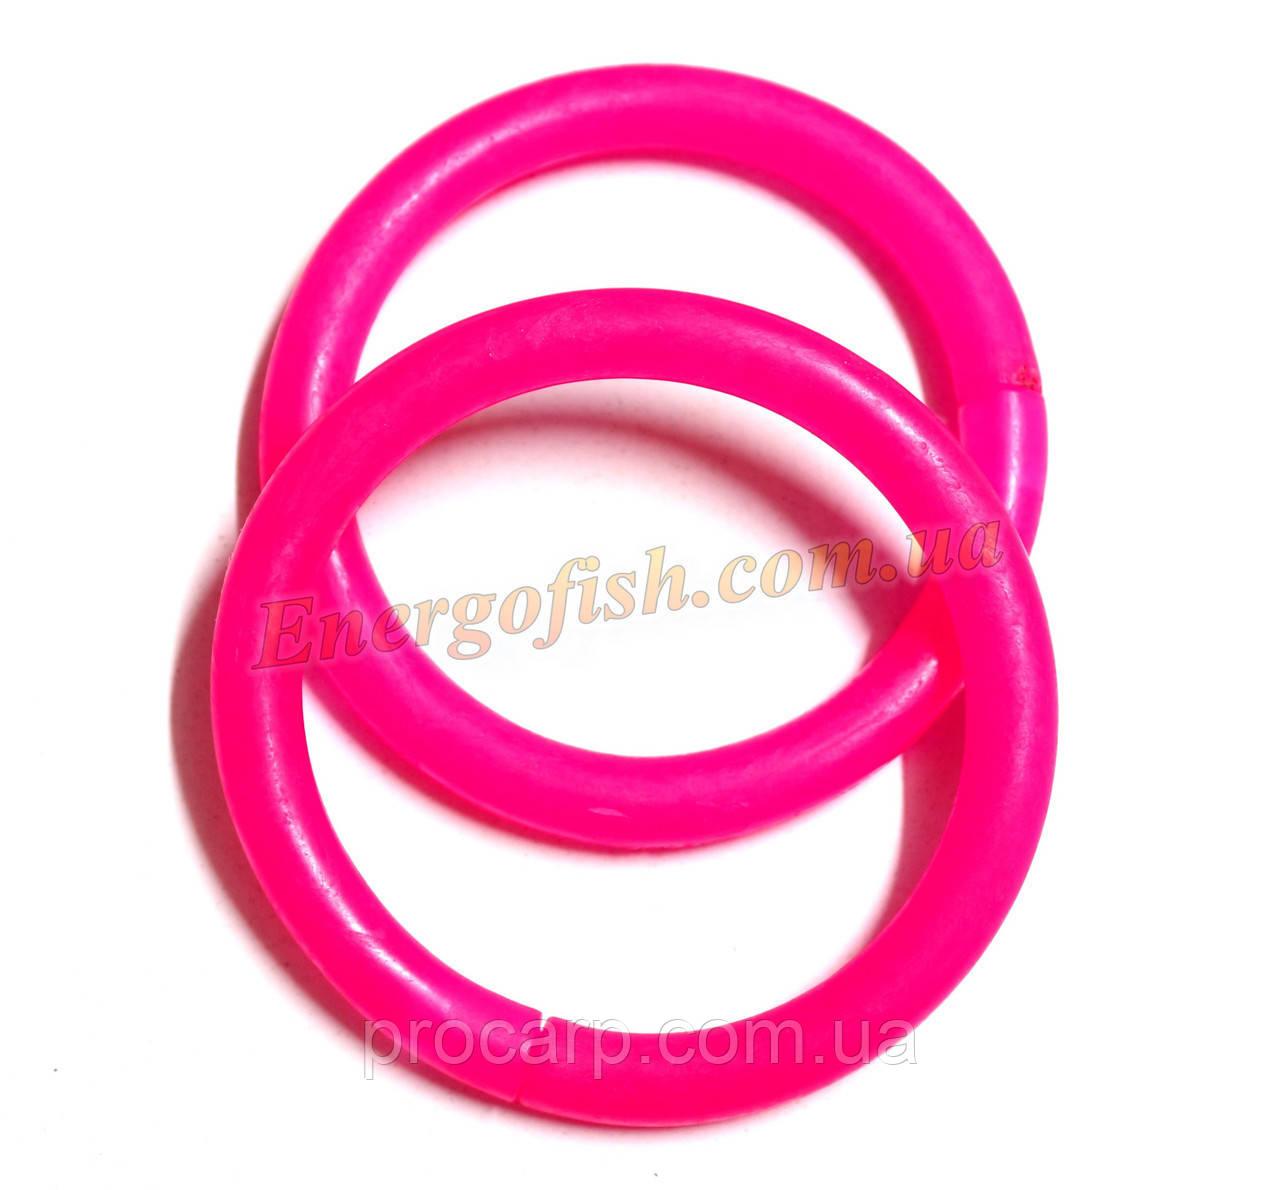 Сигнализатор кольцо SZ 8 cм